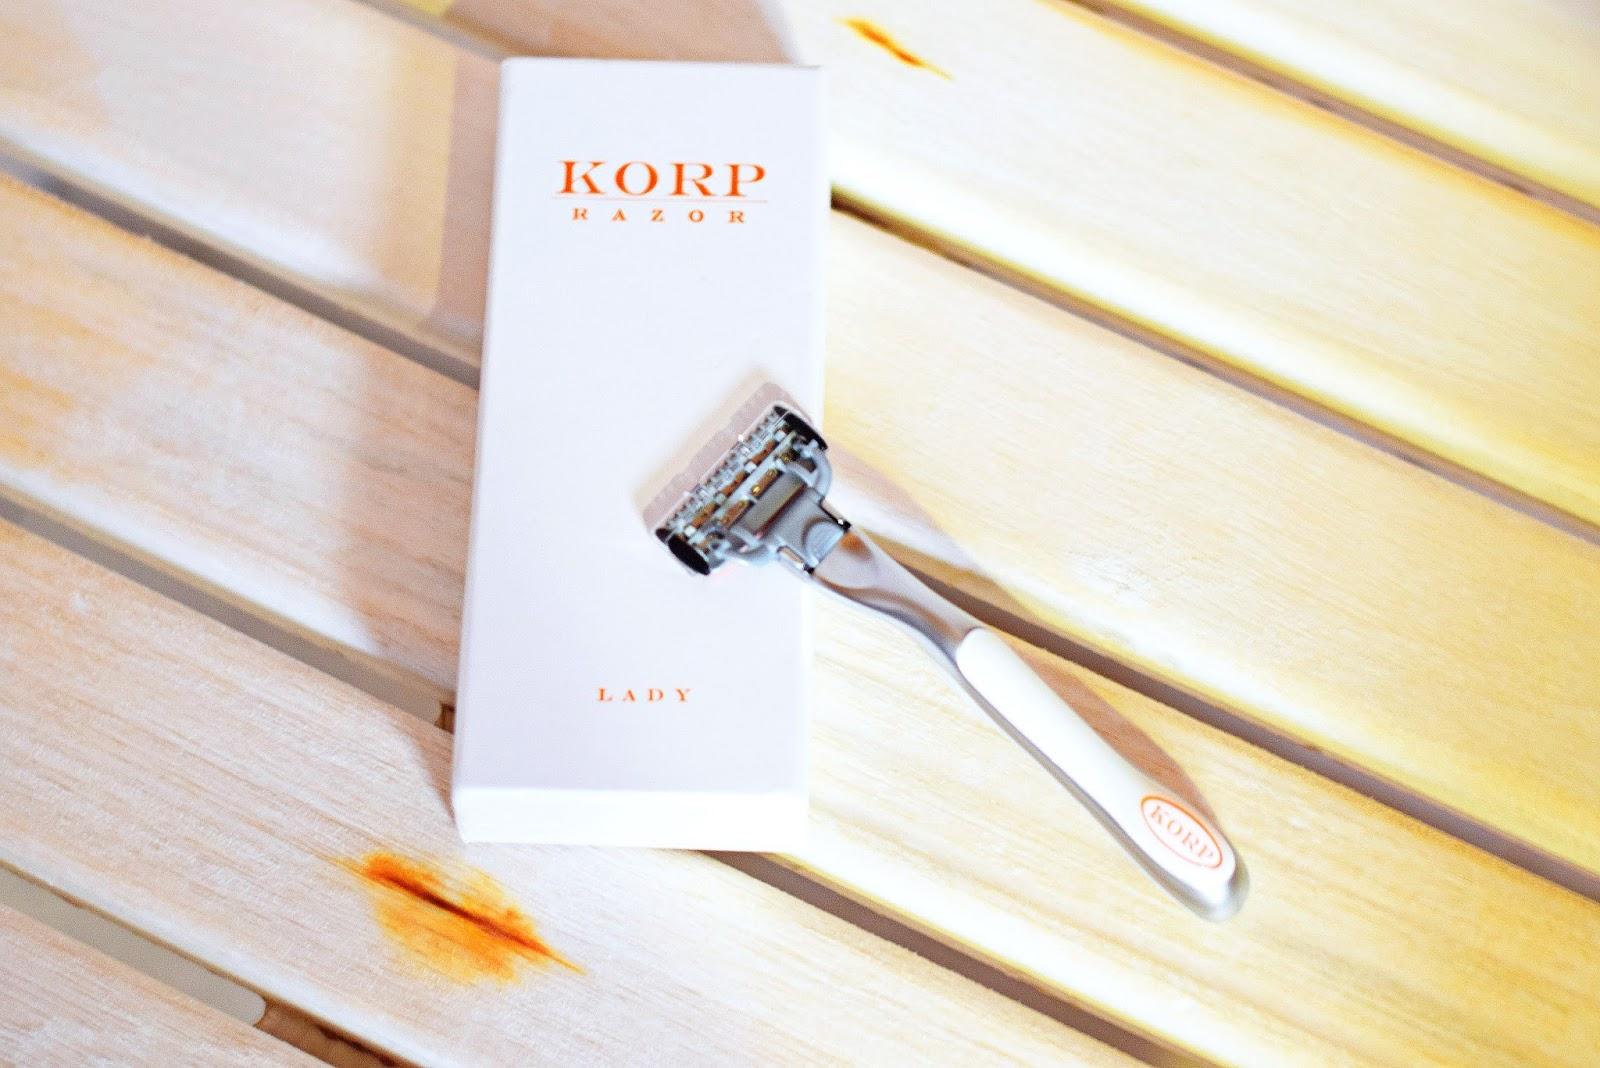 nery hdez, korp razor, depilación con cuchilla, consejo de belleza